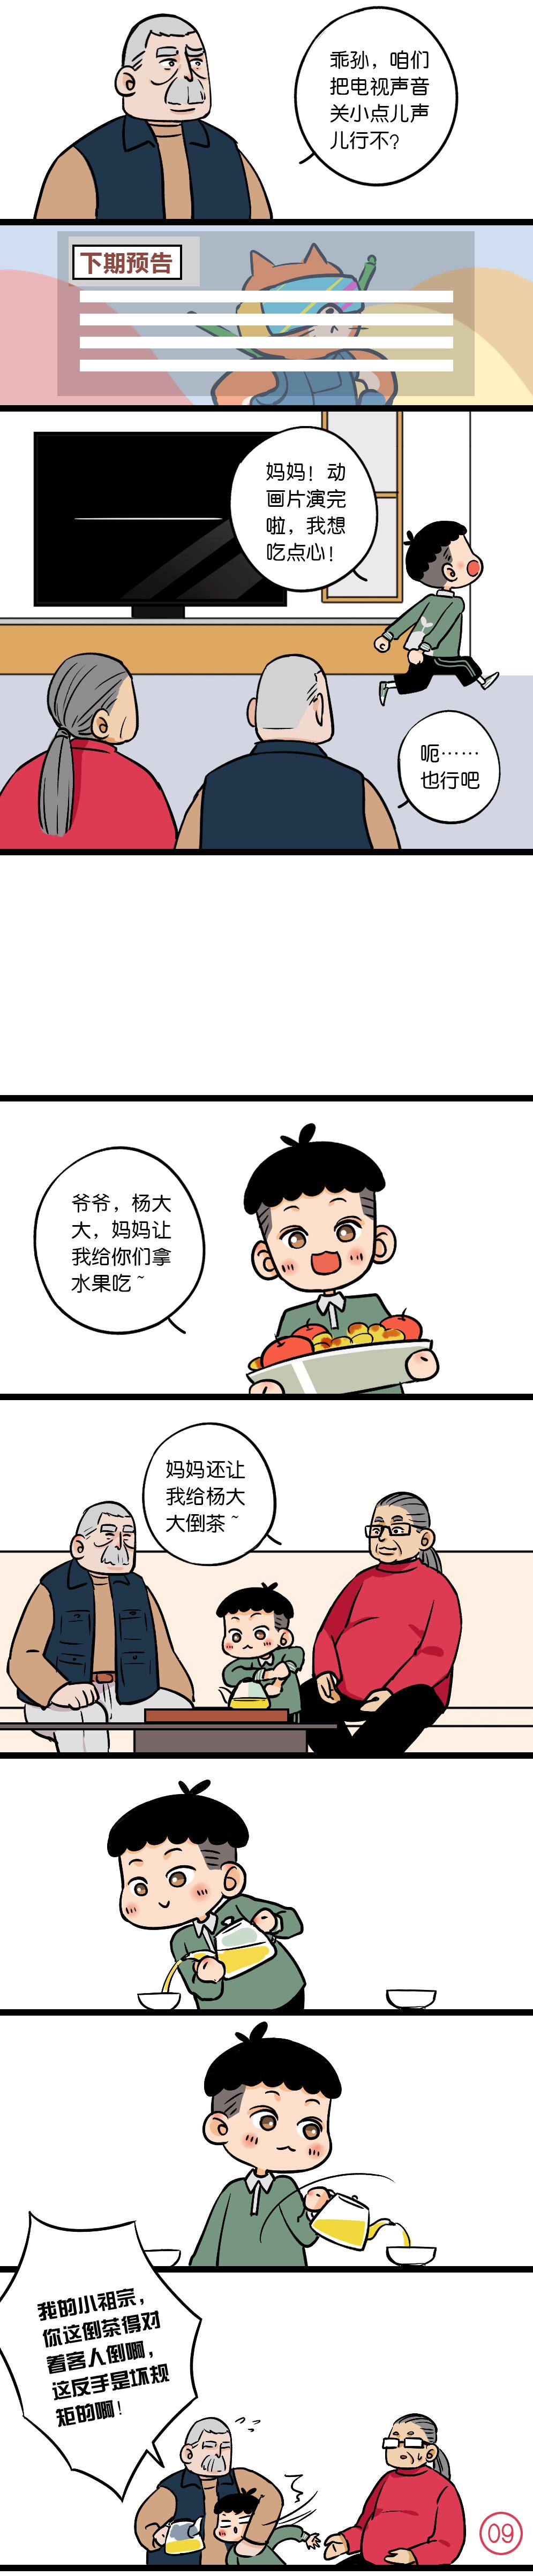 杨大大话家规第三期漫画定稿2.jpg